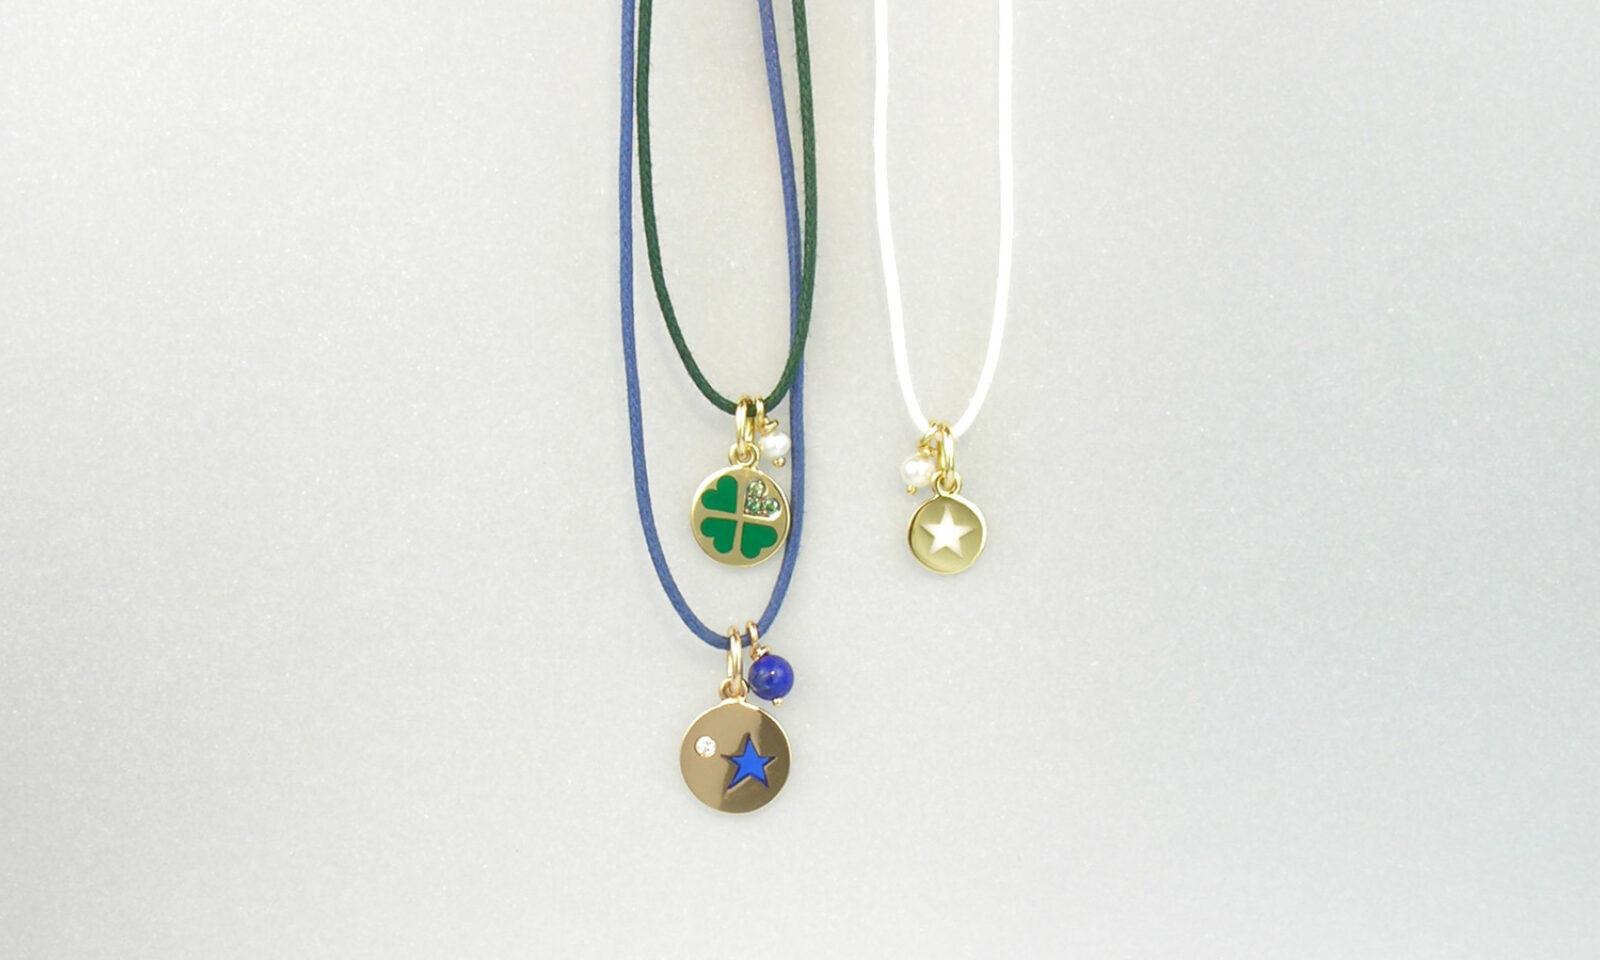 Anhaenger Gold. Anhänger Gelb- und Rotgold 750 mit Keramik, Diamant, Perle und Lapislazuli, an Halsband Textil mit Verschluss Gelbgold 750, CHF 695.- / 635.- / 525.-